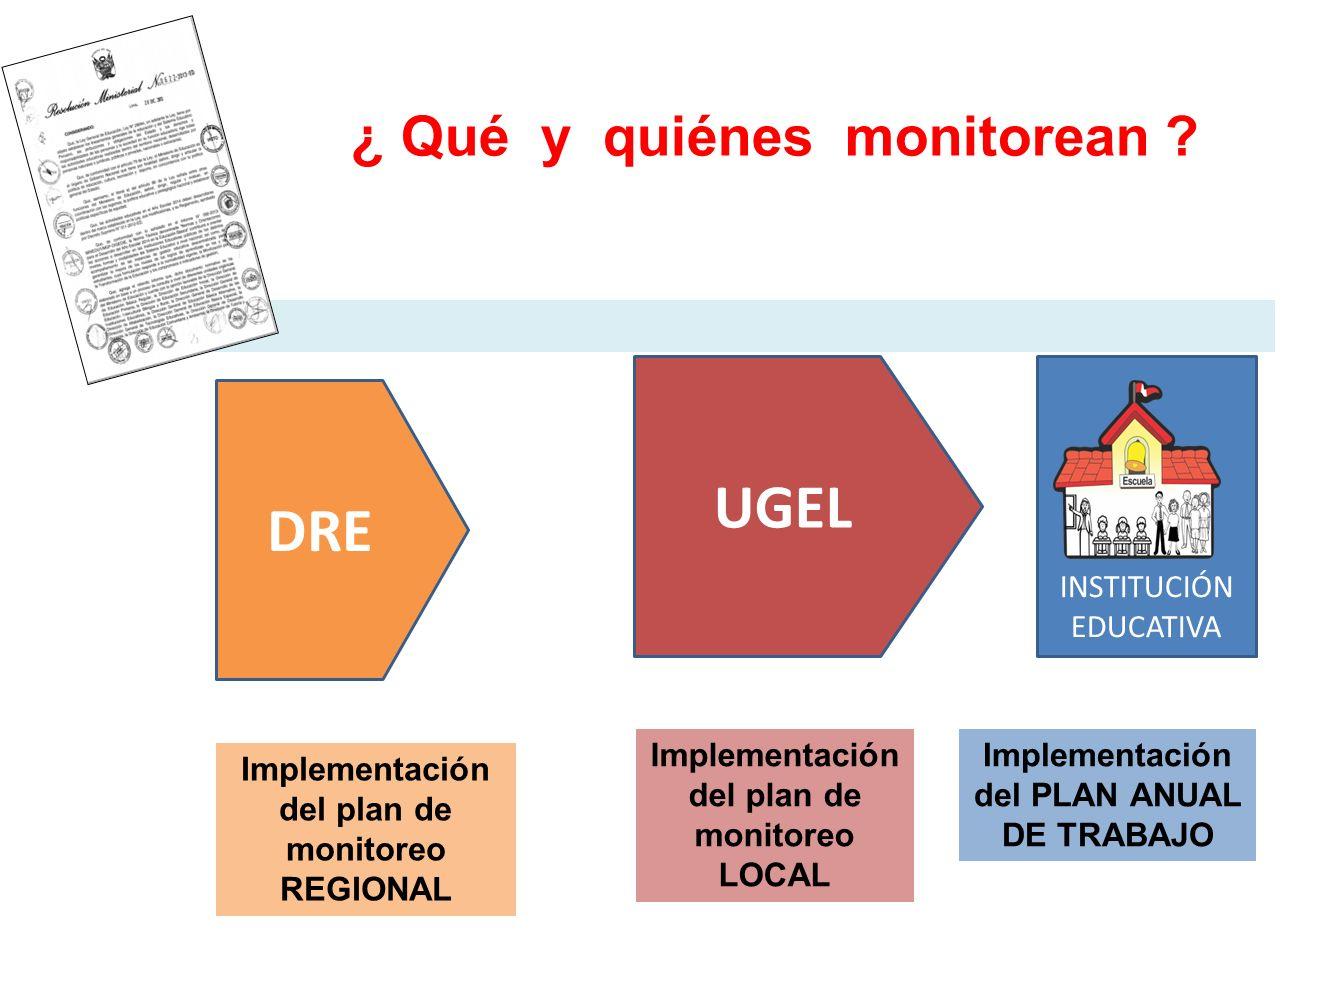 UGEL DRE ¿ Qué y quiénes monitorean INSTITUCIÓN EDUCATIVA